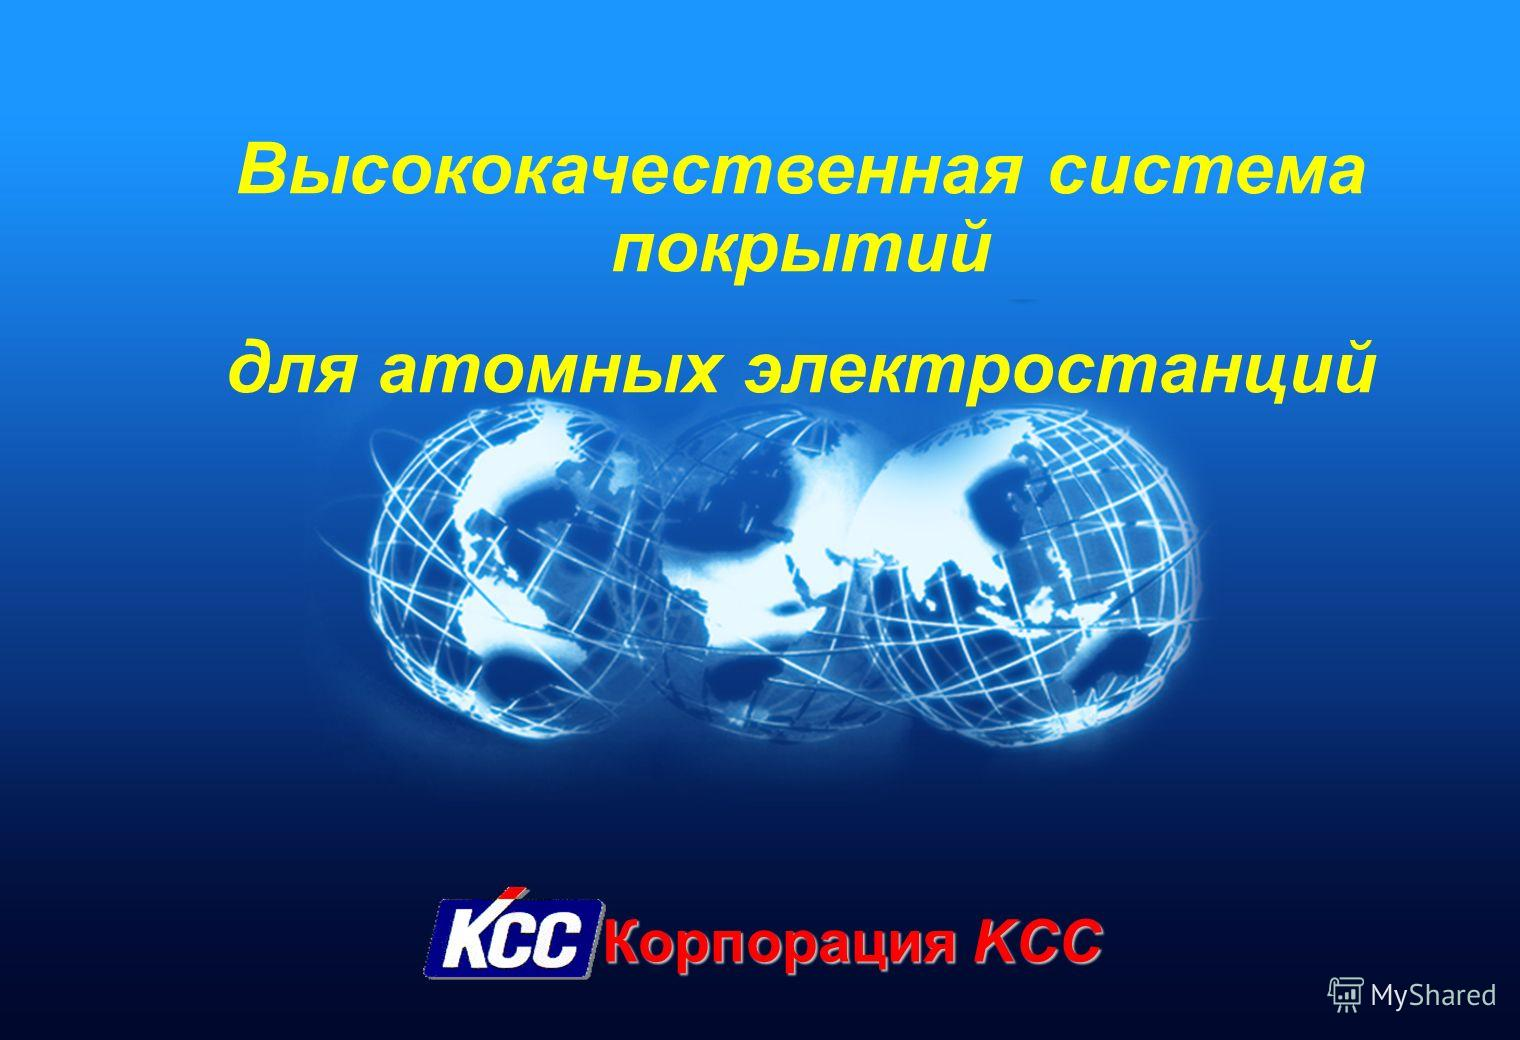 Корпорация KCC Корпорация KCC Высококачественная система покрытий для атомных электростанций